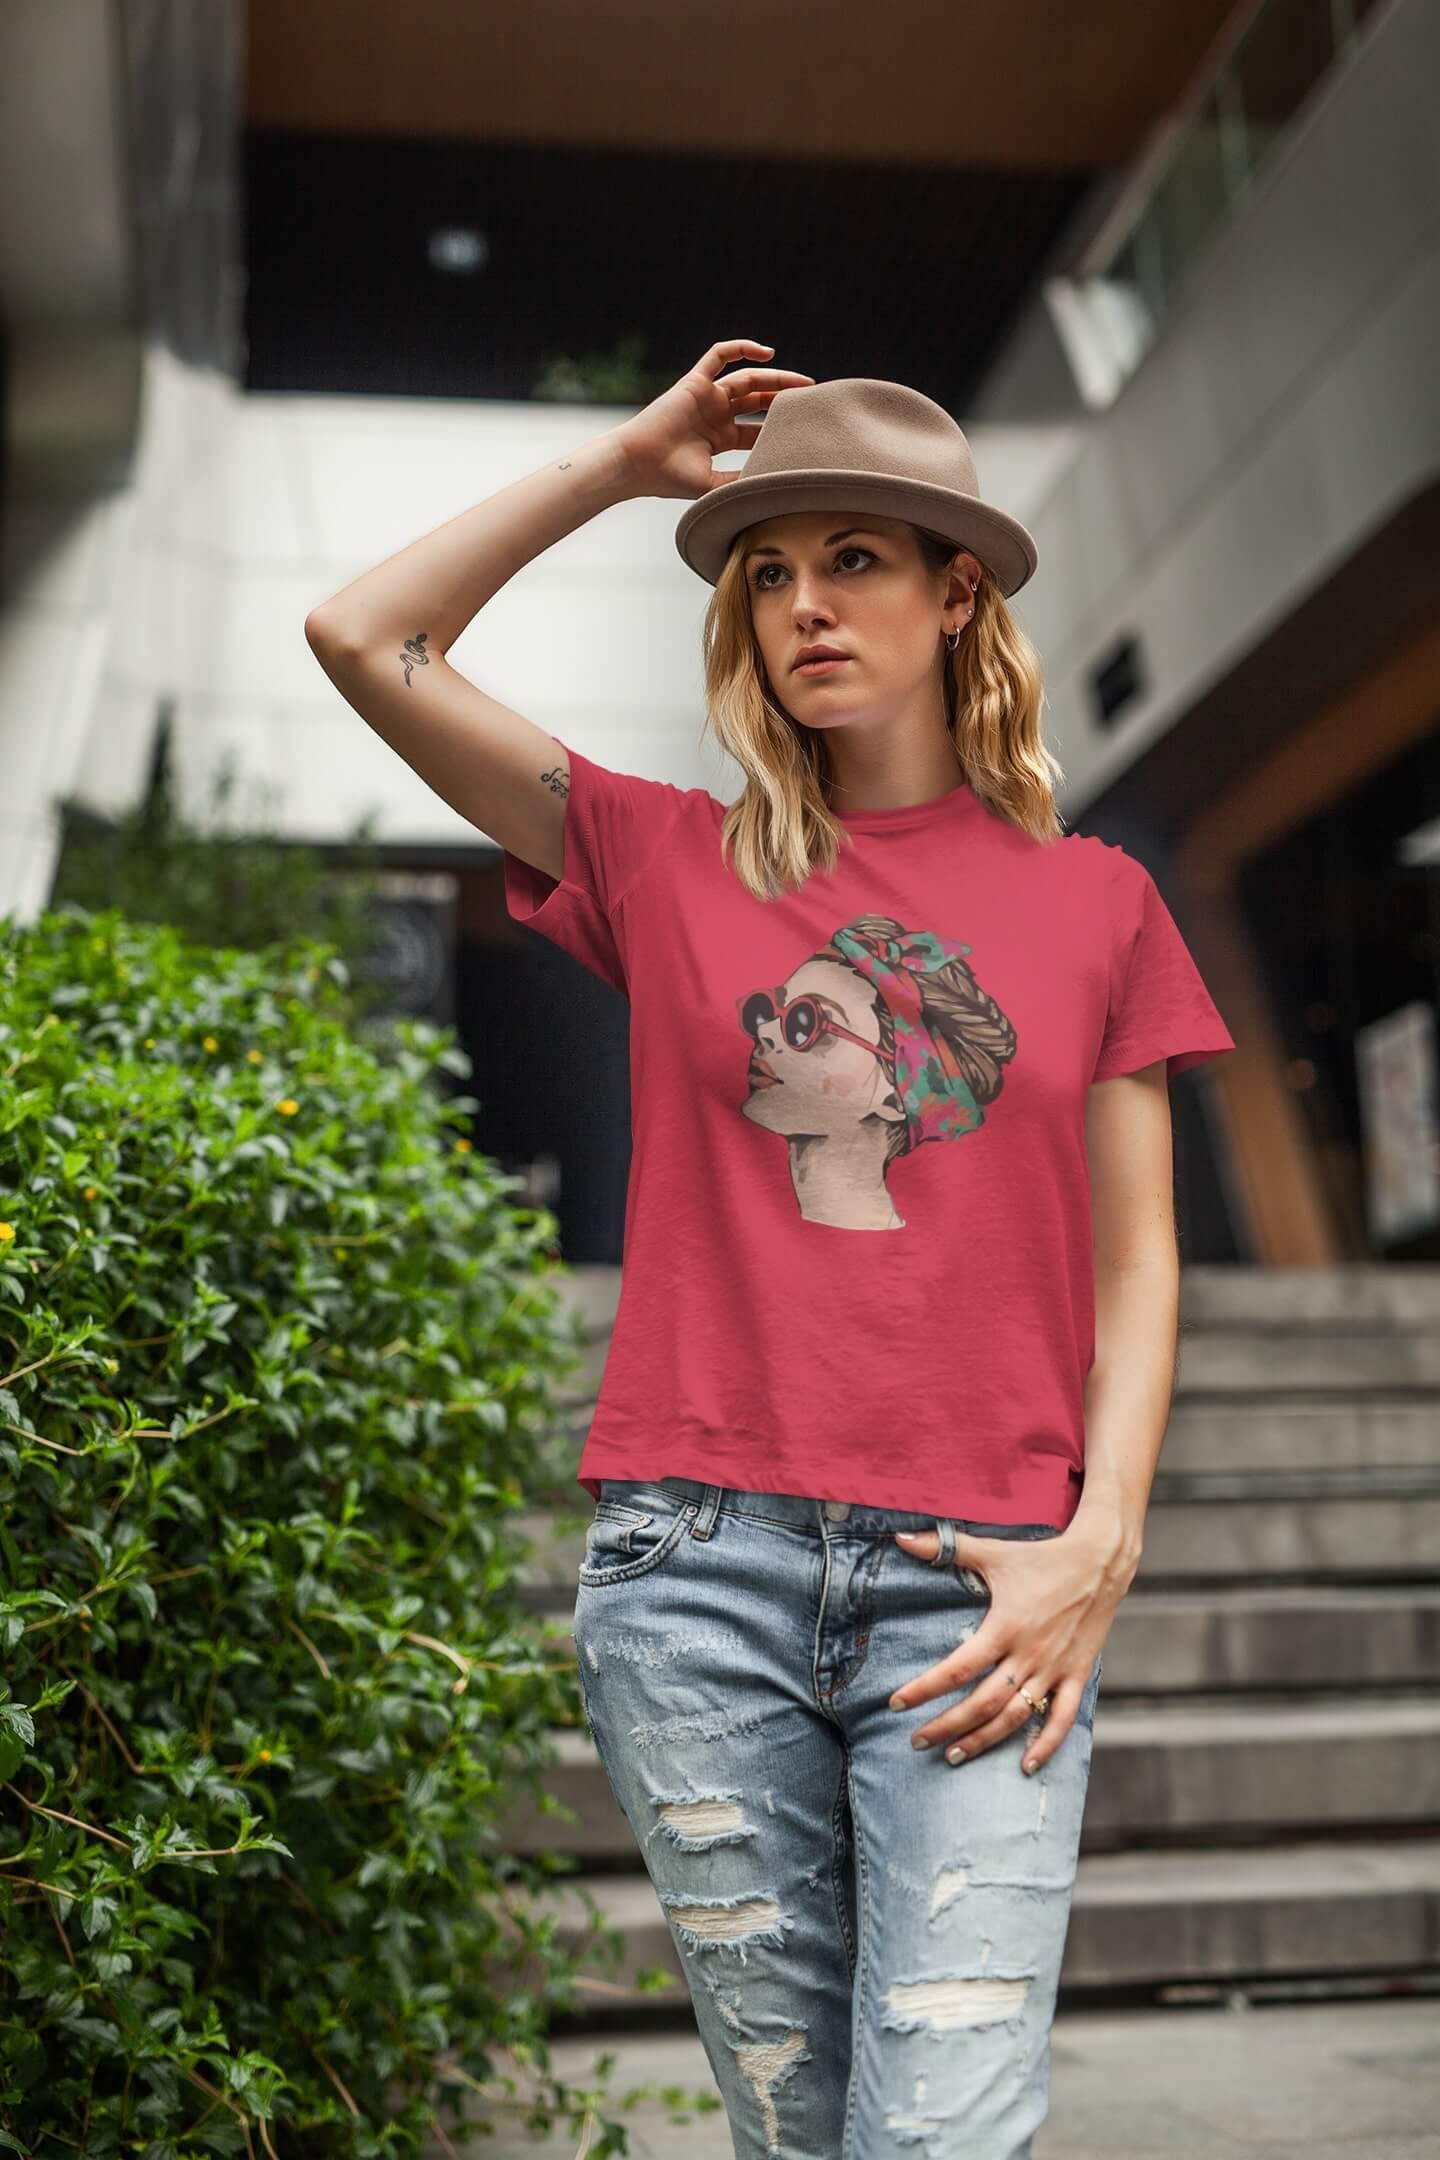 MMO Dámske tričko Dievča s okuliarmi Vyberte farbu: Červená, Vyberte veľkosť: XL